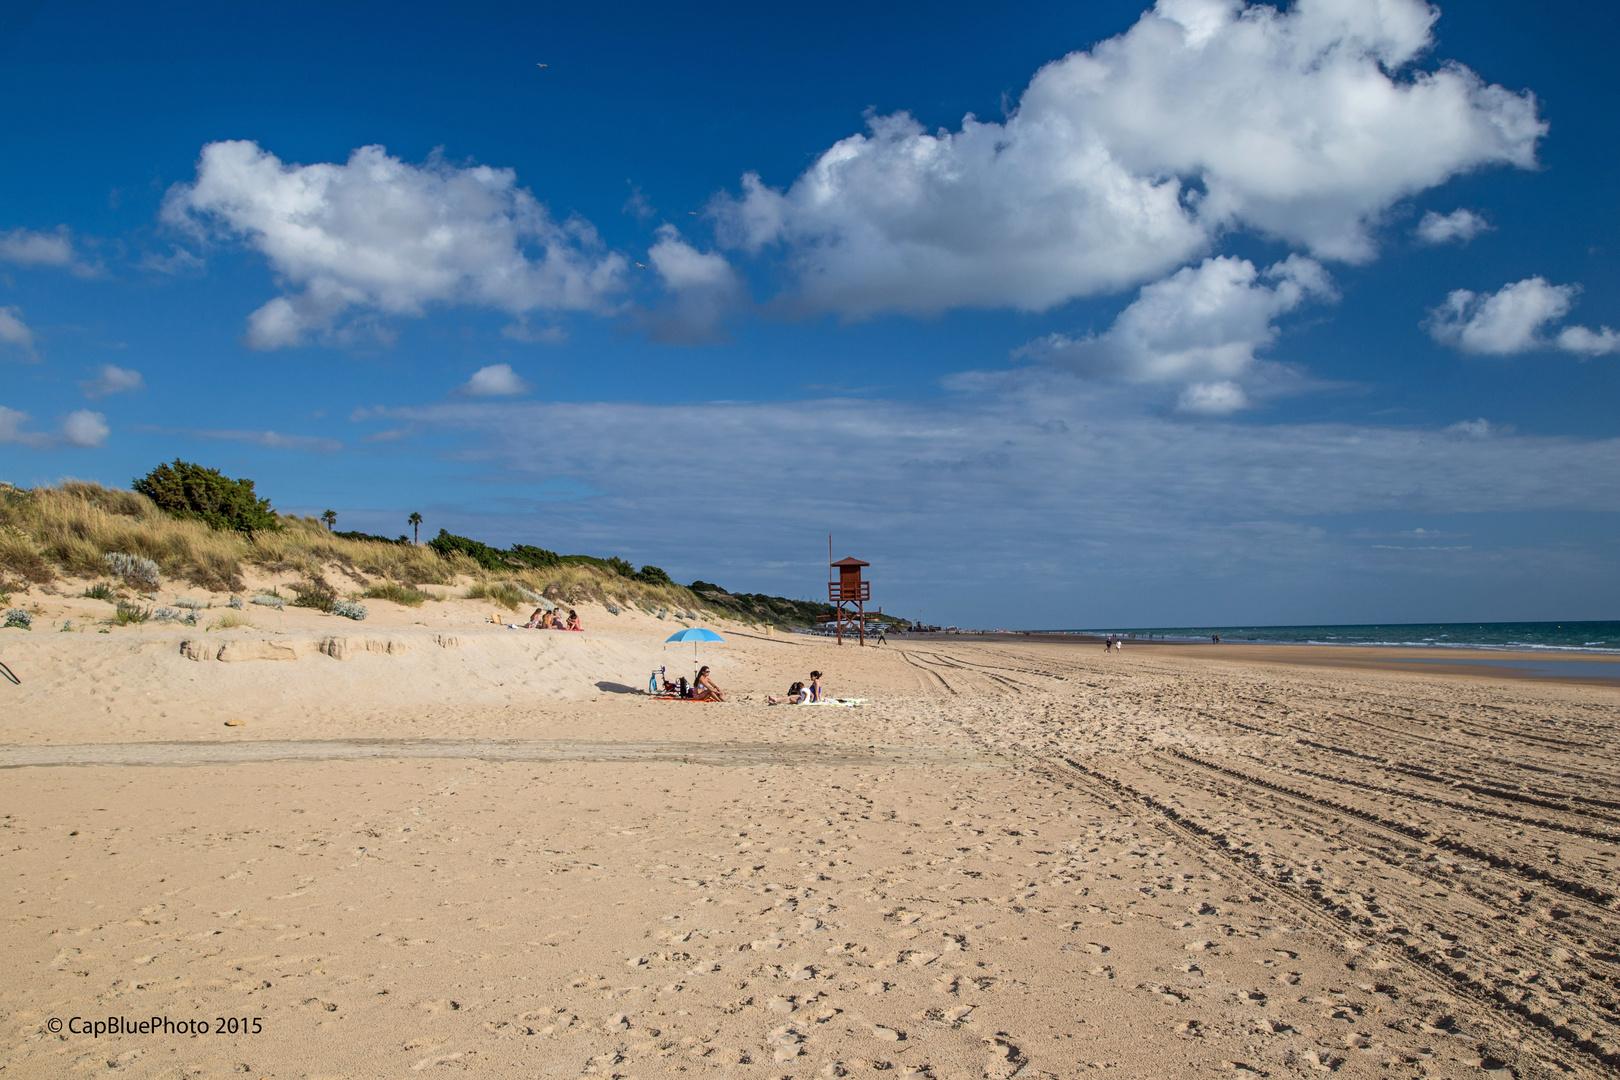 La Playa Barrosa Strand Richtung Conil de la Frontera